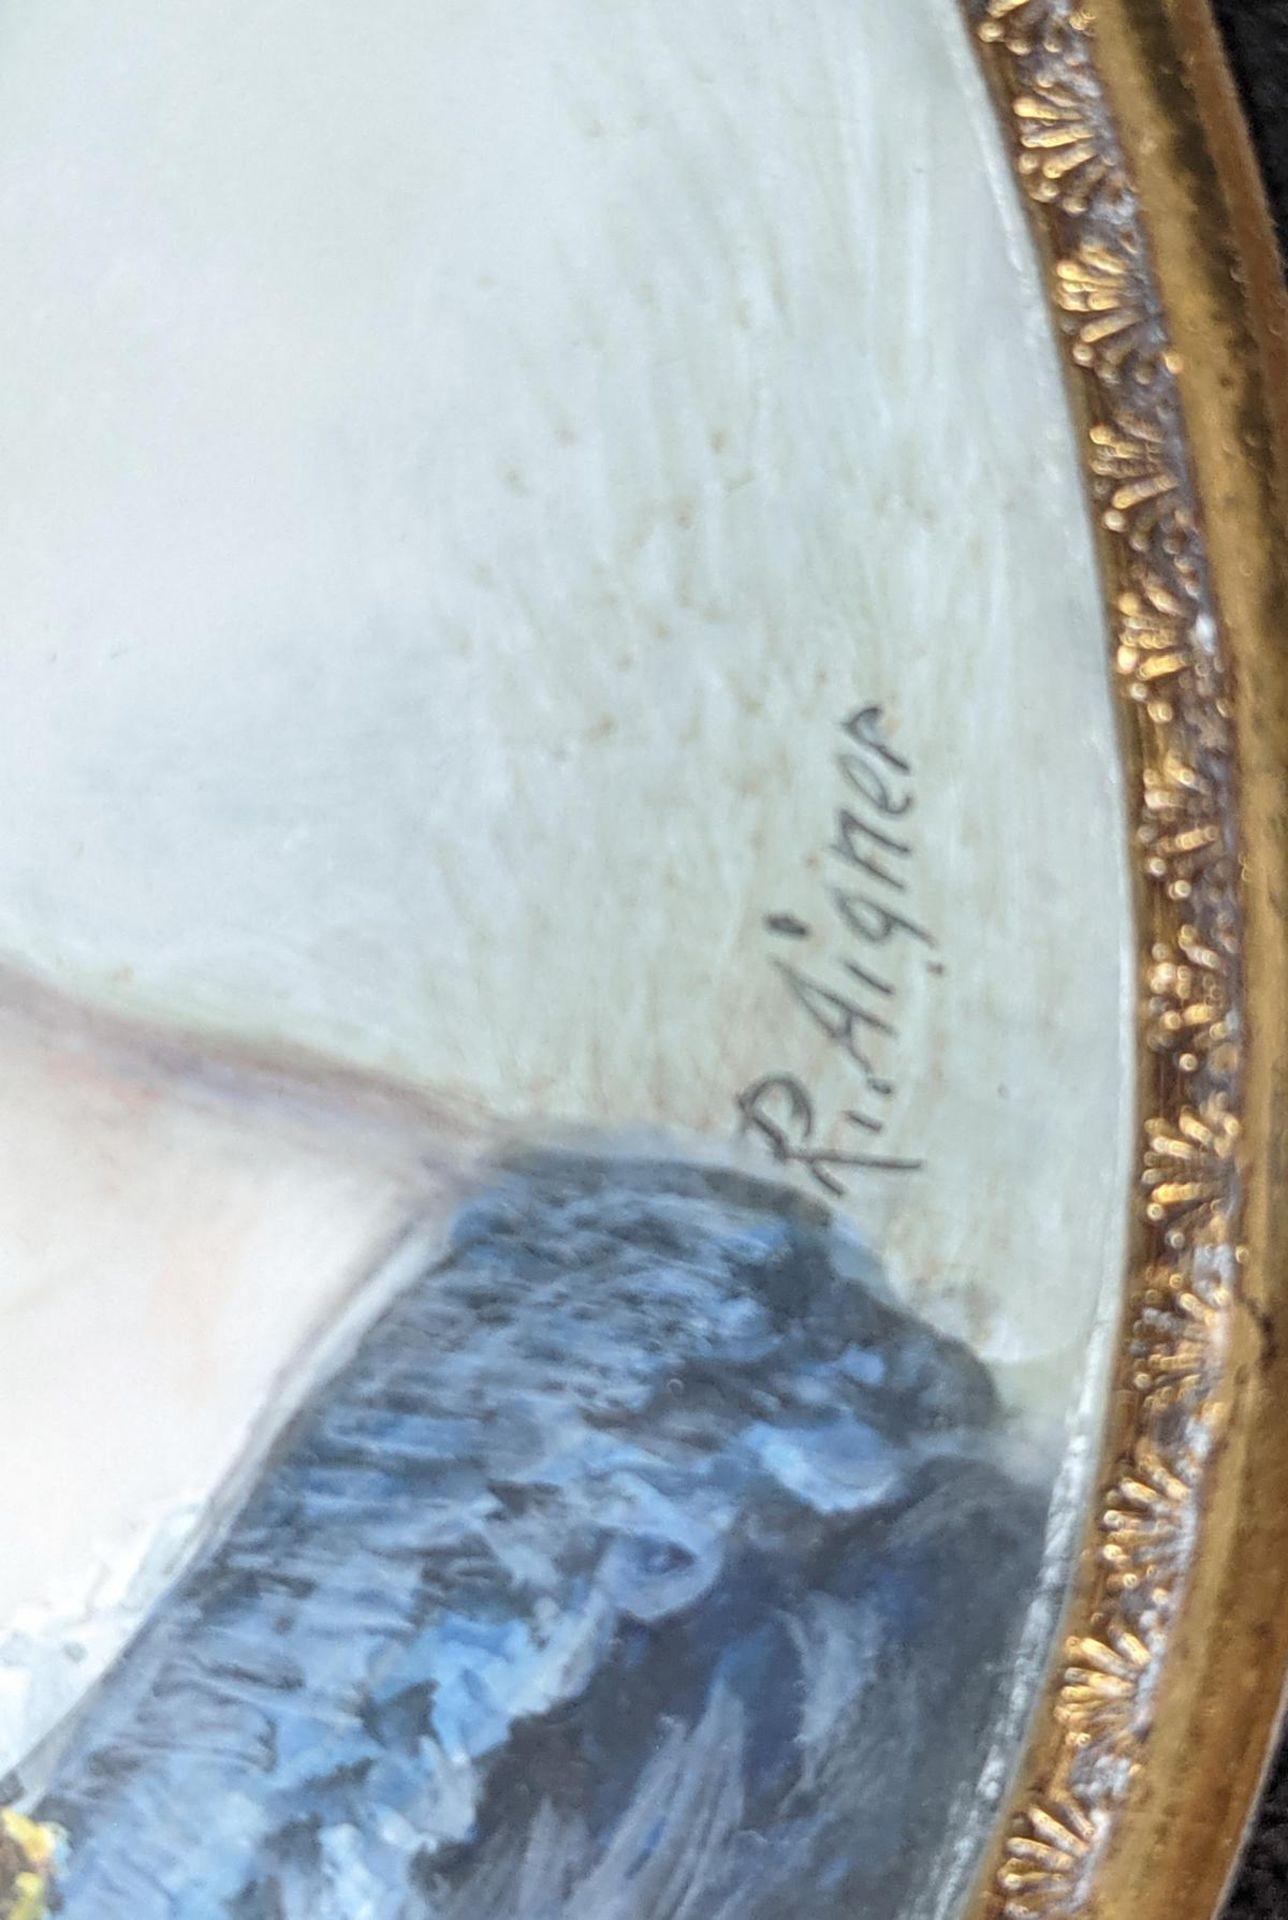 R. Aigner, Elfenbeinminiatur um 1900, Damenportrait - Image 3 of 4